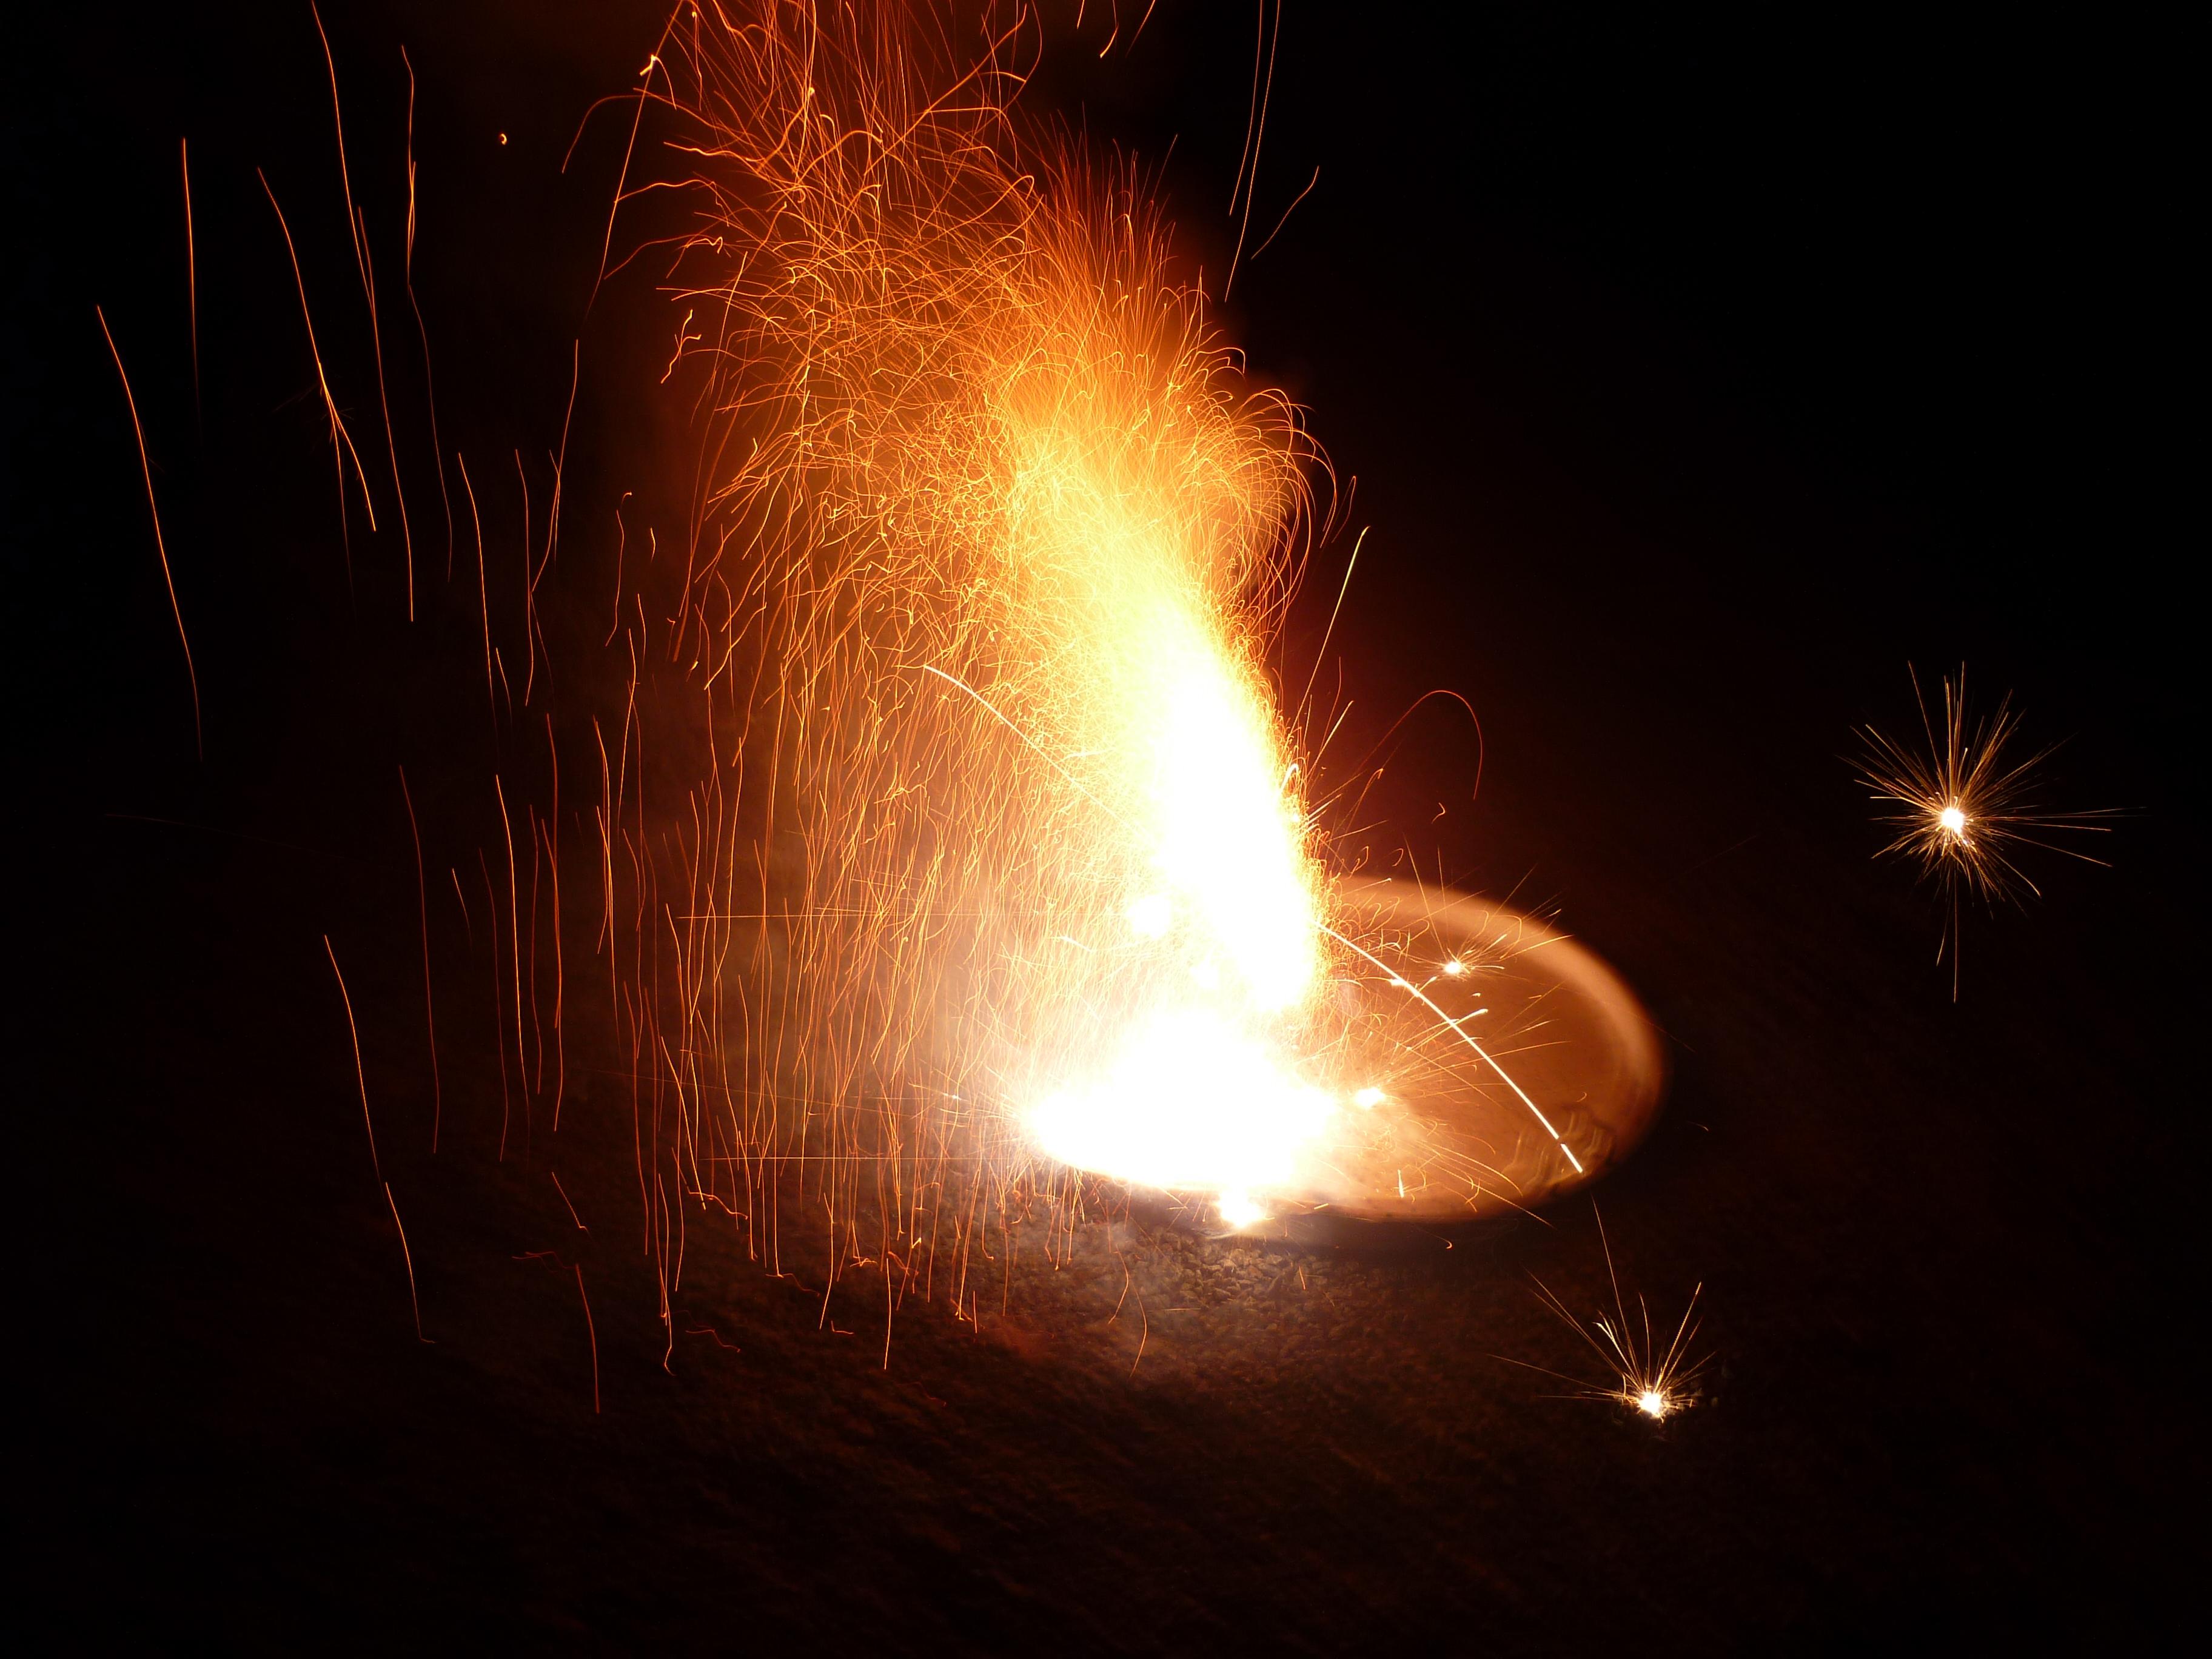 File:Vishu cracker ligtned 1.JPG - Wikimedia Commons